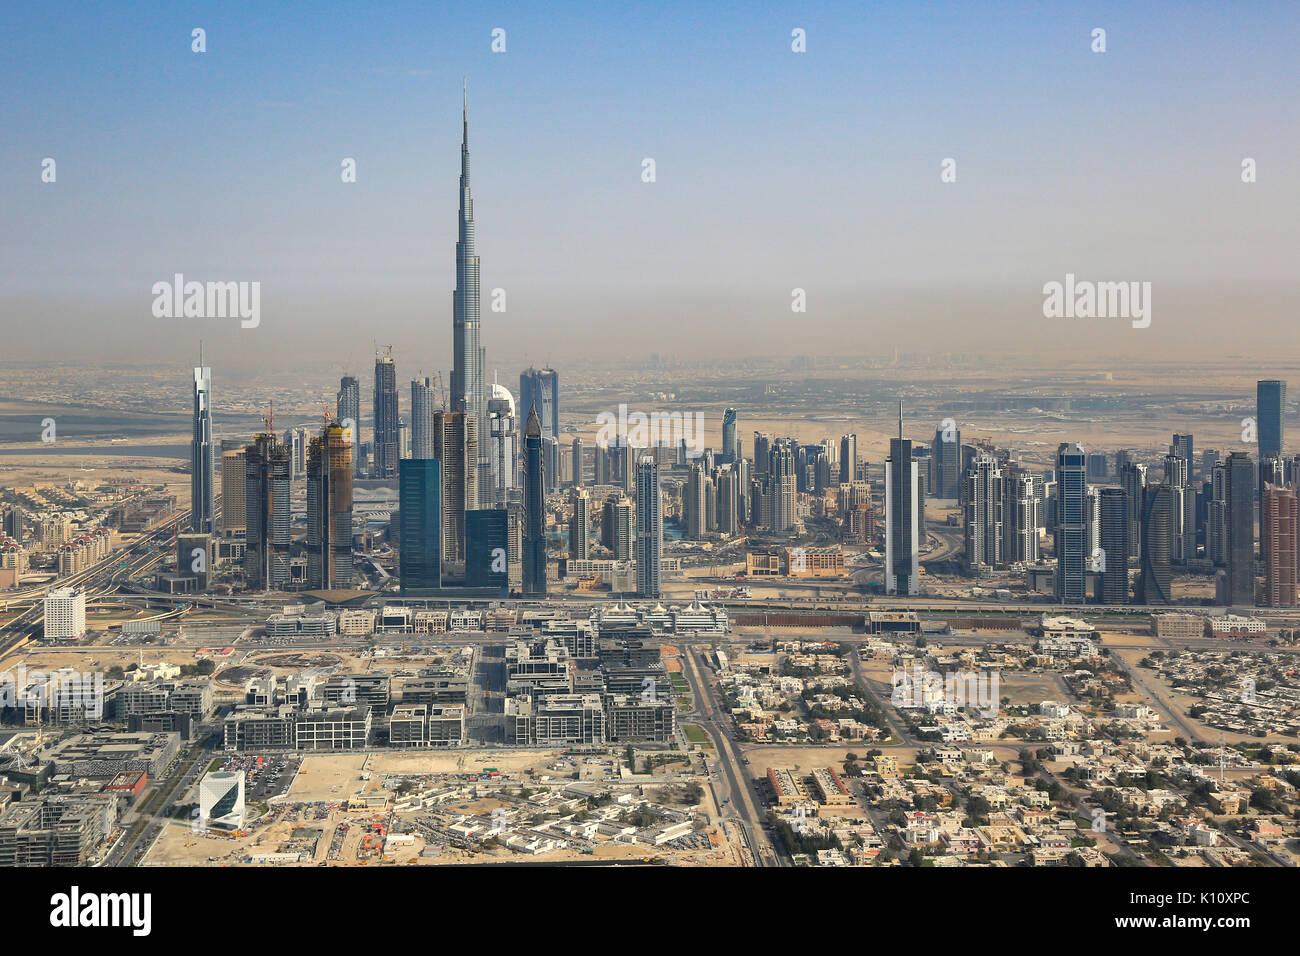 Gratte-ciel Burj Khalifa dubai skyline Vue aérienne des eau photographie Photo Stock